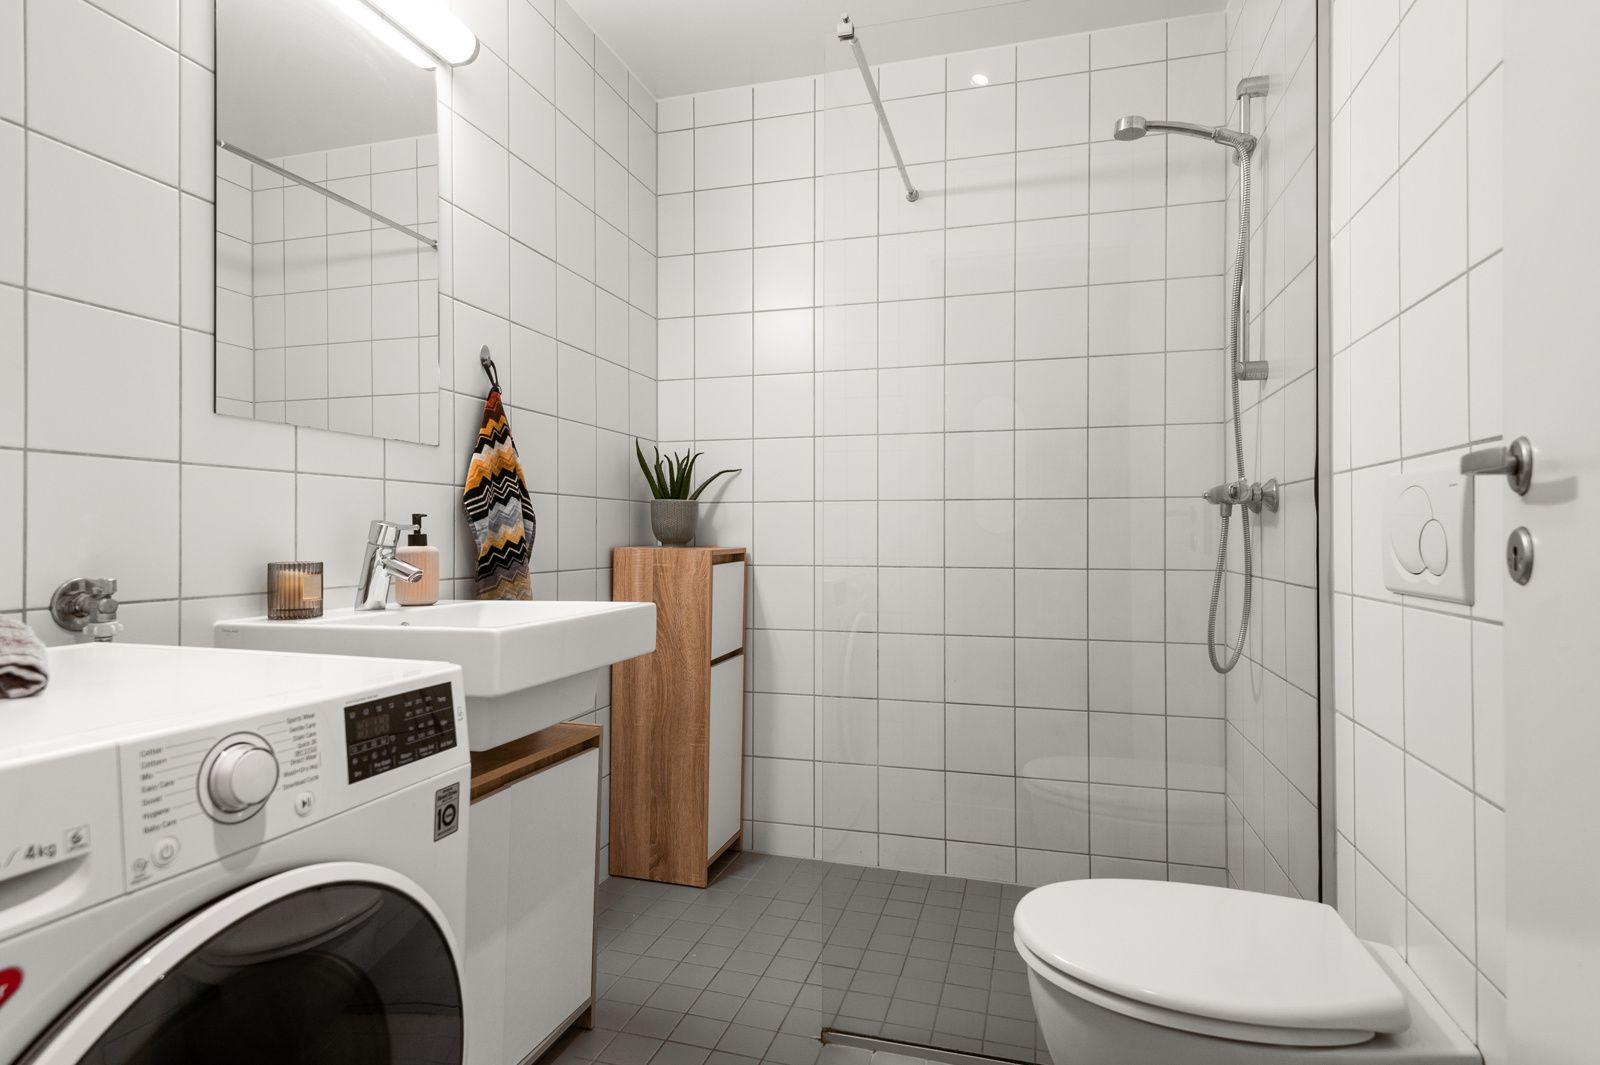 Pilestredet Park 12 A - Pent, moderne bad (2008) med dusjnisje med dusjvegg, vegghengt toalett og ny servant -